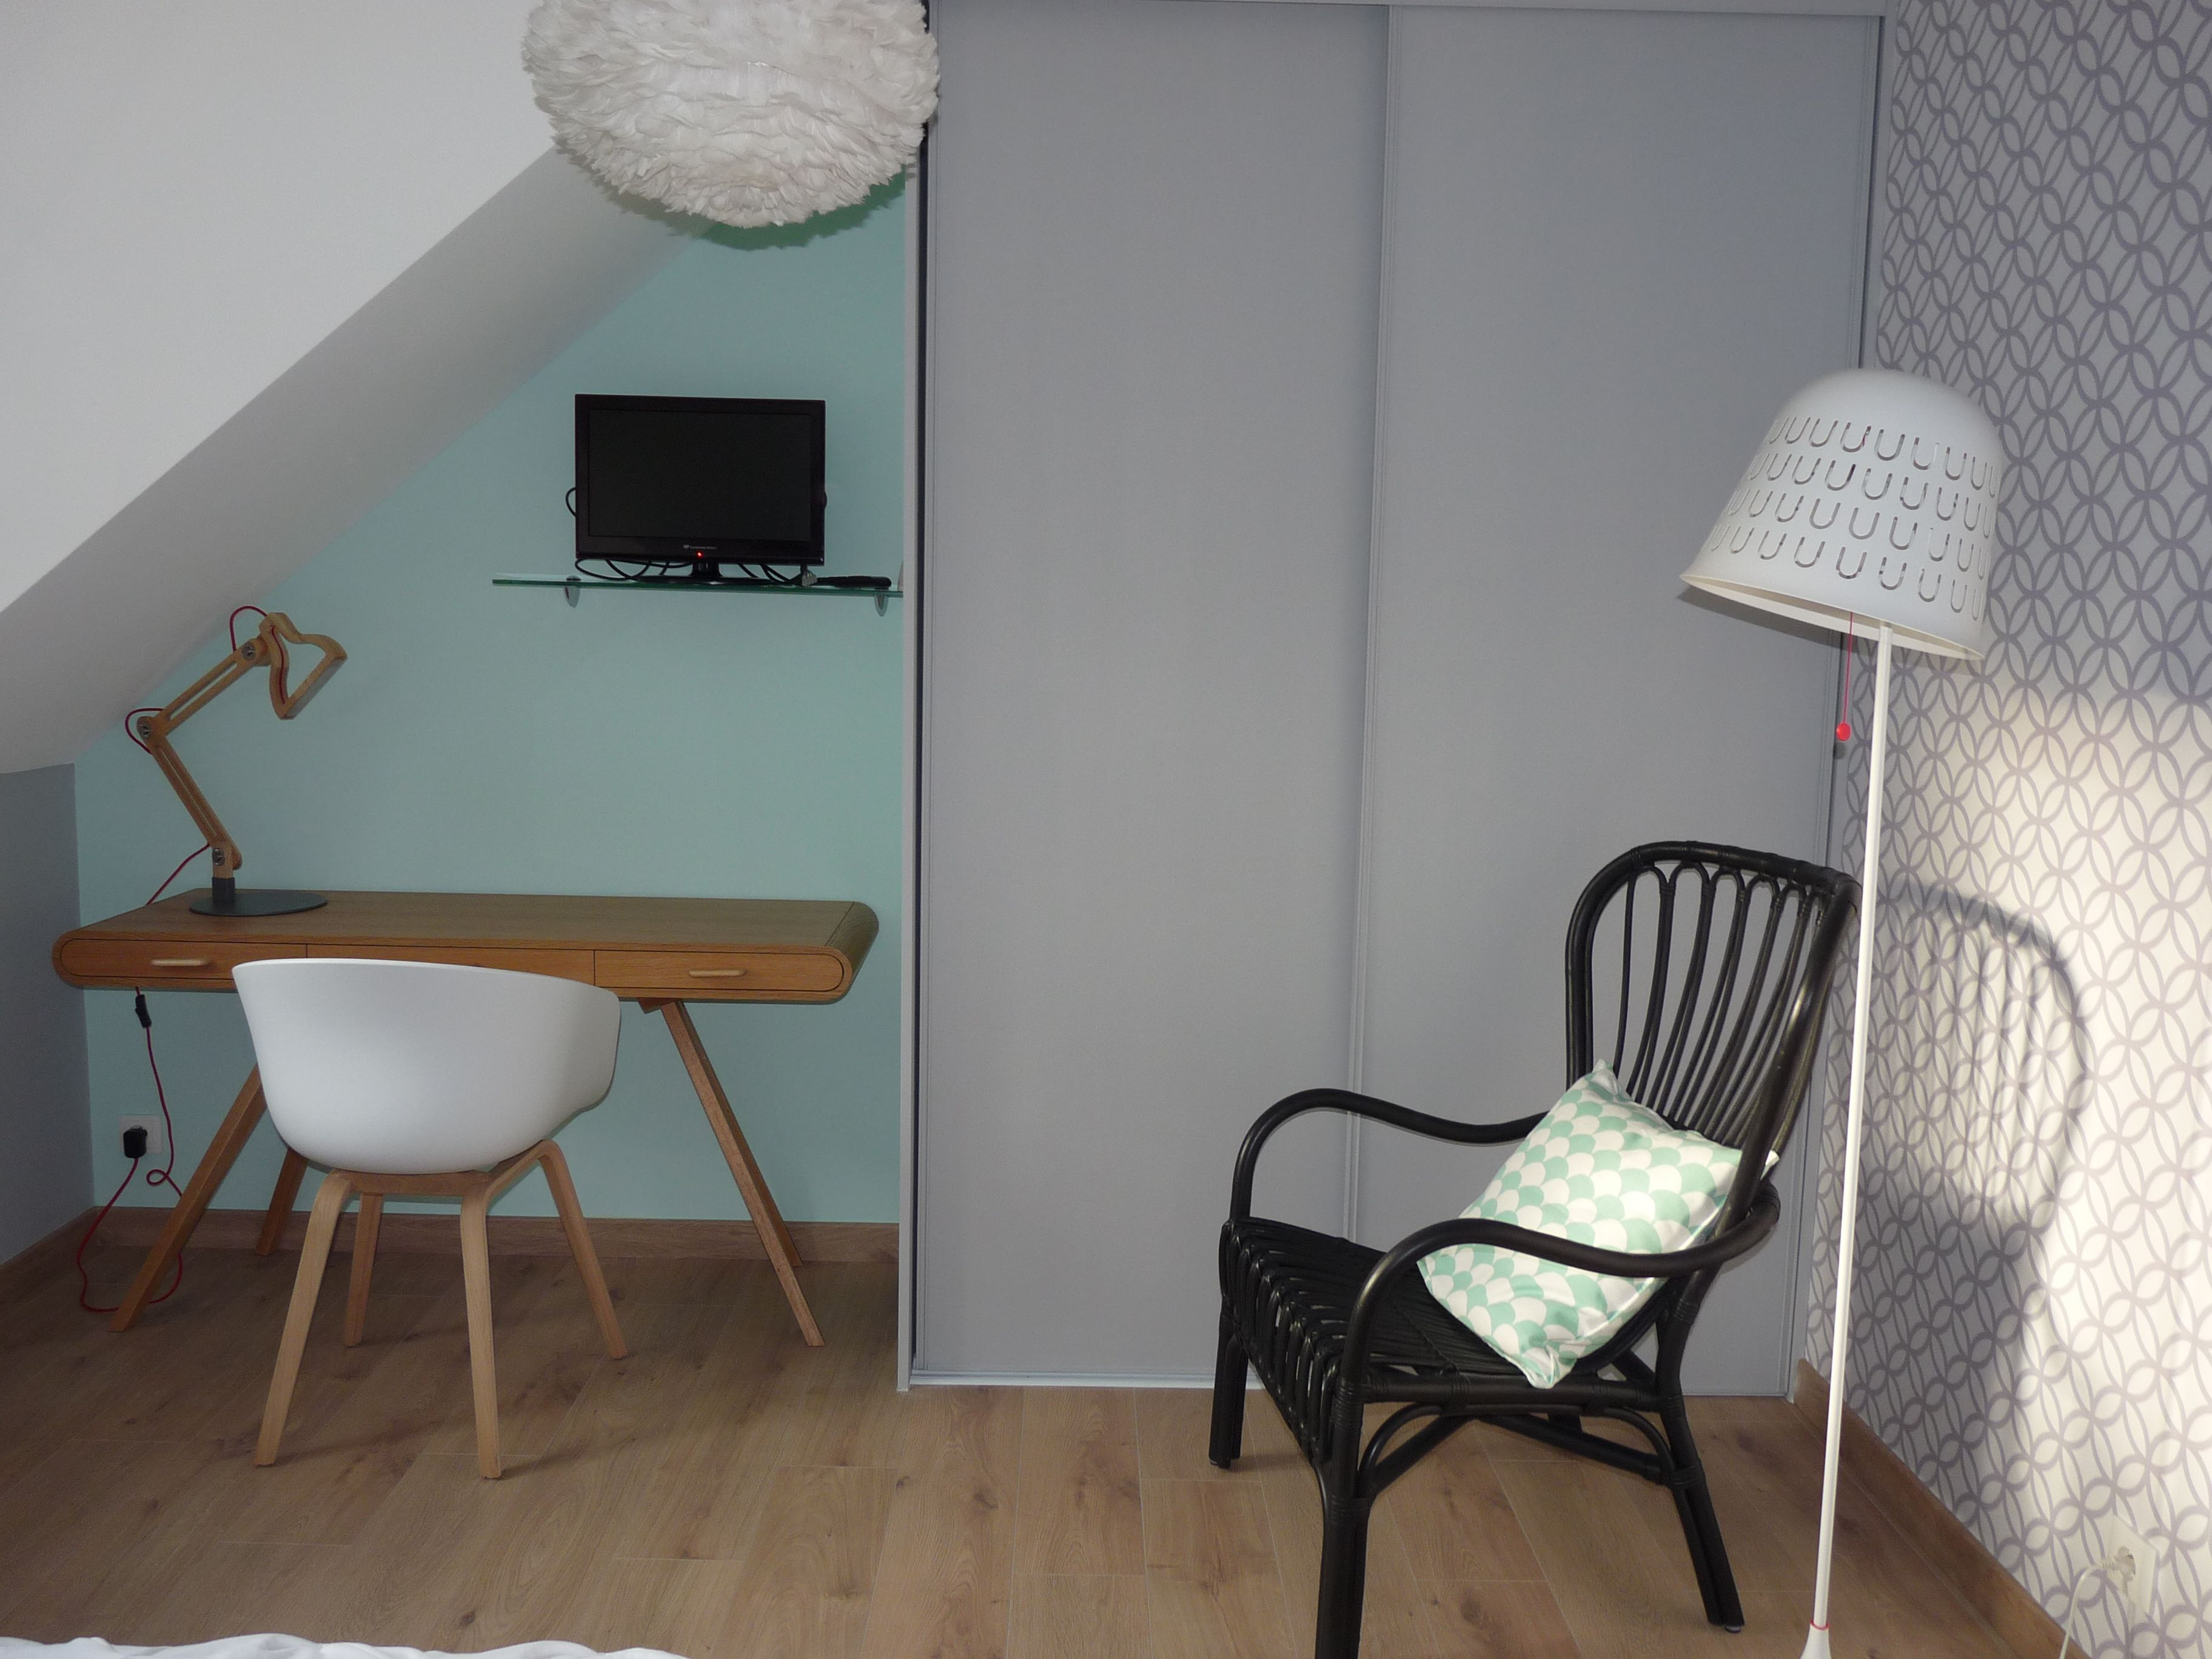 coin bureau et lecture cr s dans une chambre d 39 ami r alisations kiosque deco lydie pineau. Black Bedroom Furniture Sets. Home Design Ideas